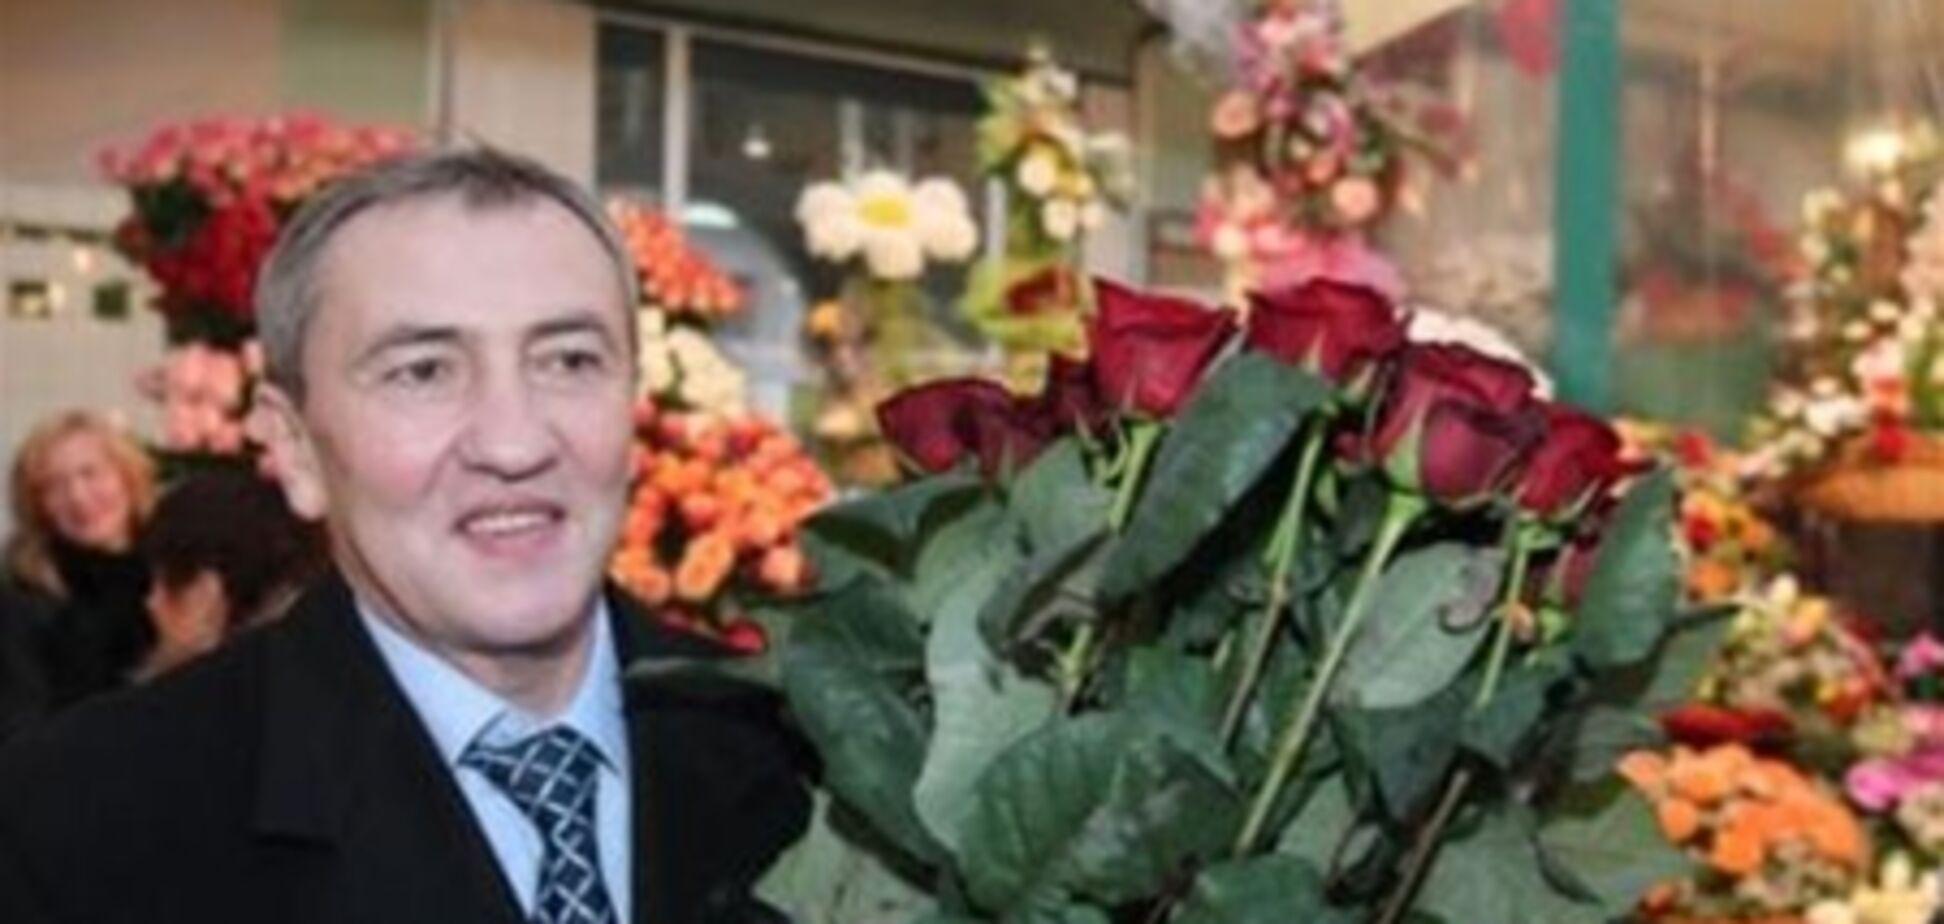 Мэр Киева Черновецкий женился?